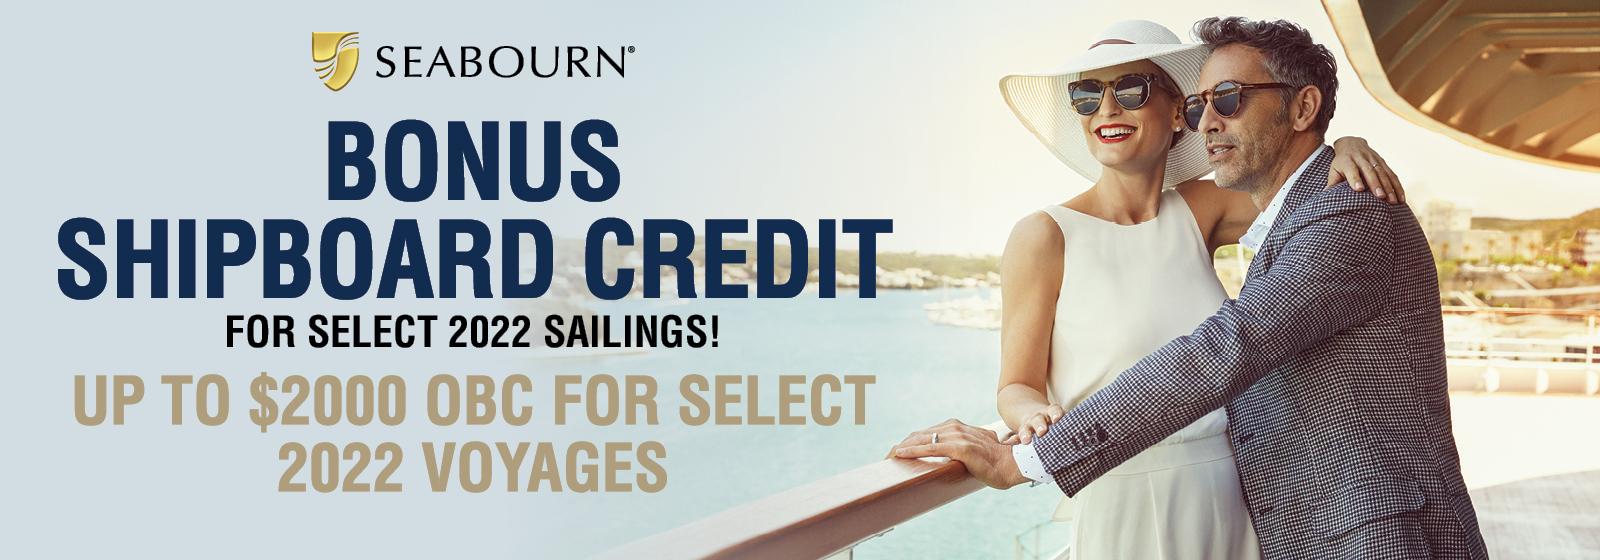 Seabourn Bonus OBC